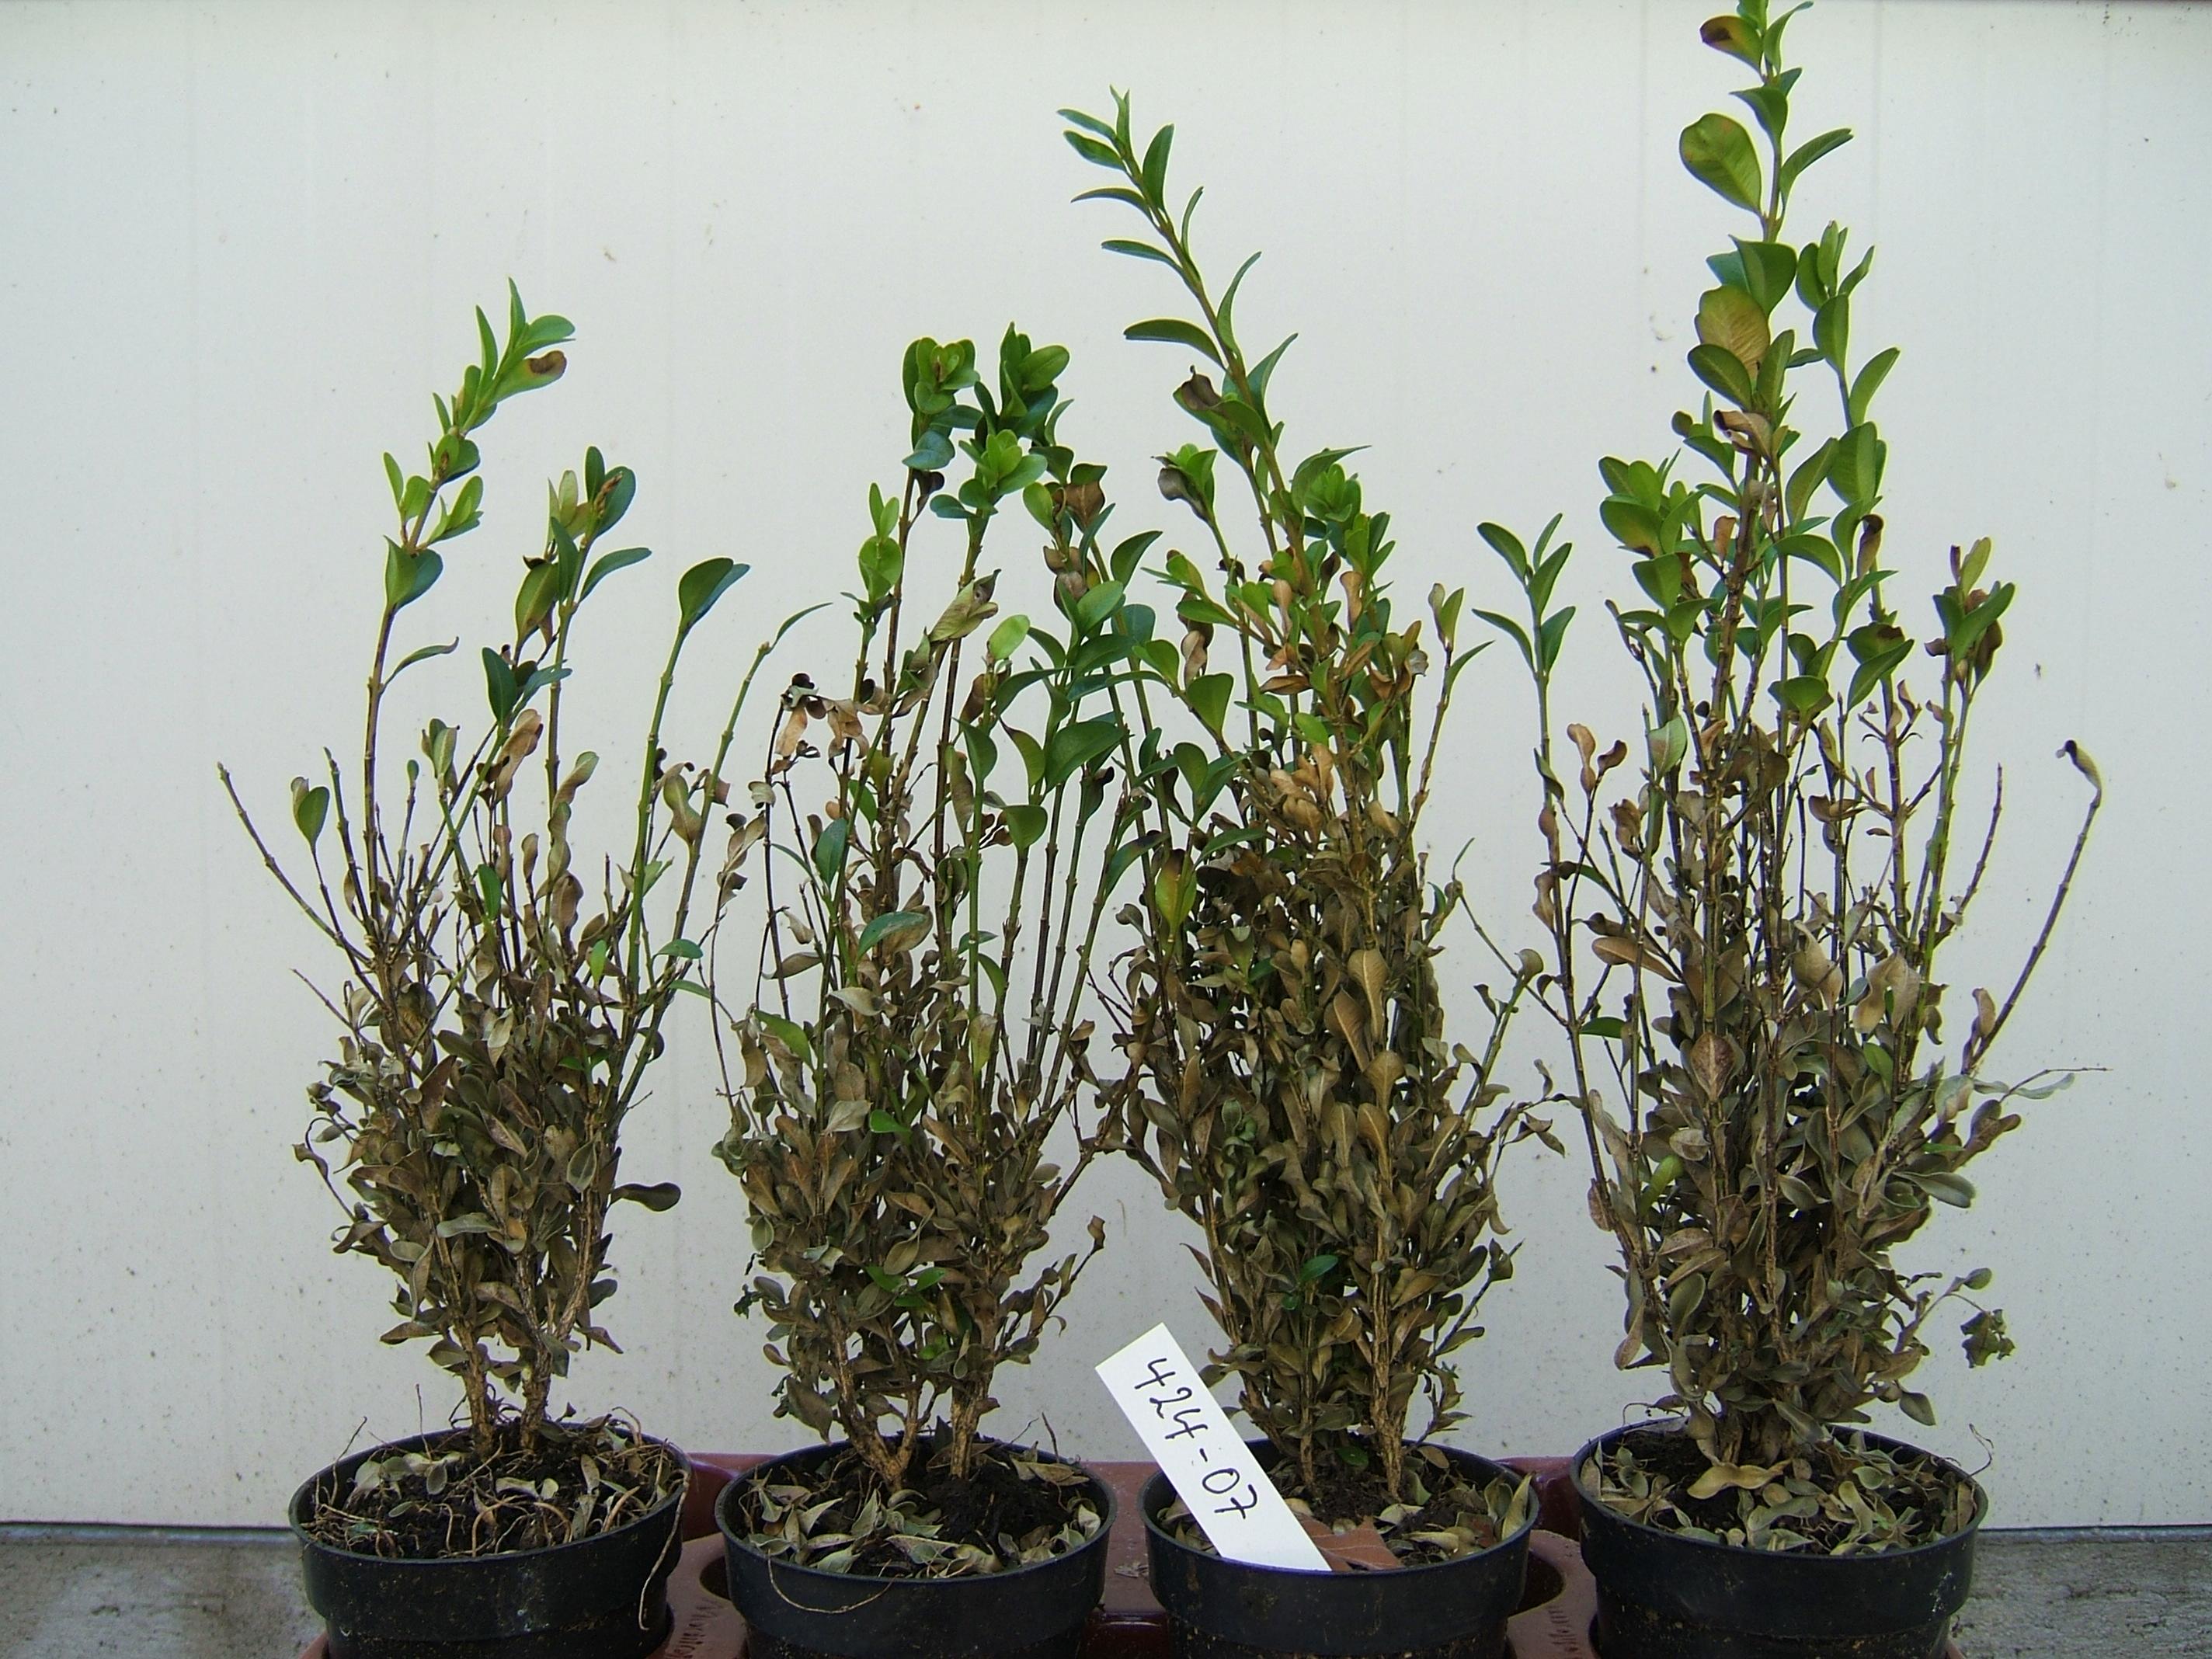 befall buchsbaum stunning befall an einem buchsbaum with befall buchsbaum free befall. Black Bedroom Furniture Sets. Home Design Ideas